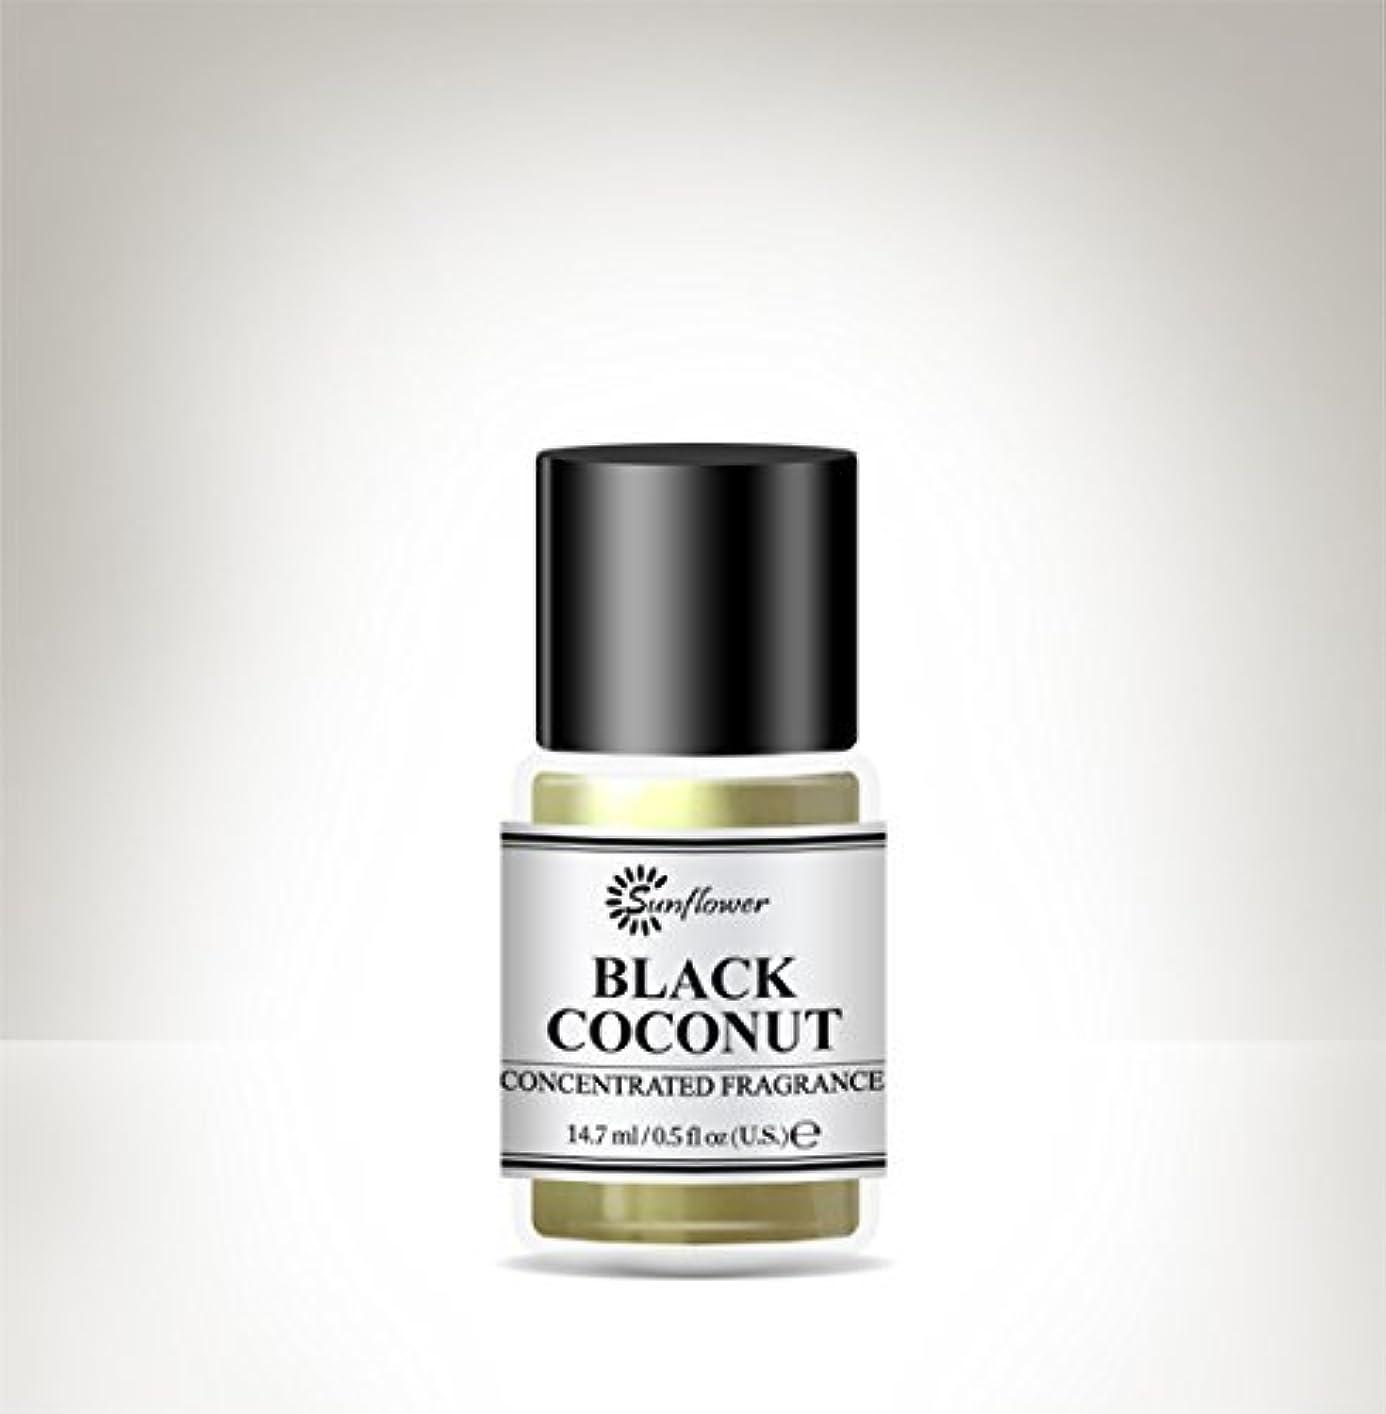 チャンピオン野菜希望に満ちたブラックトップボディオイルブラックココナッツ15 ml